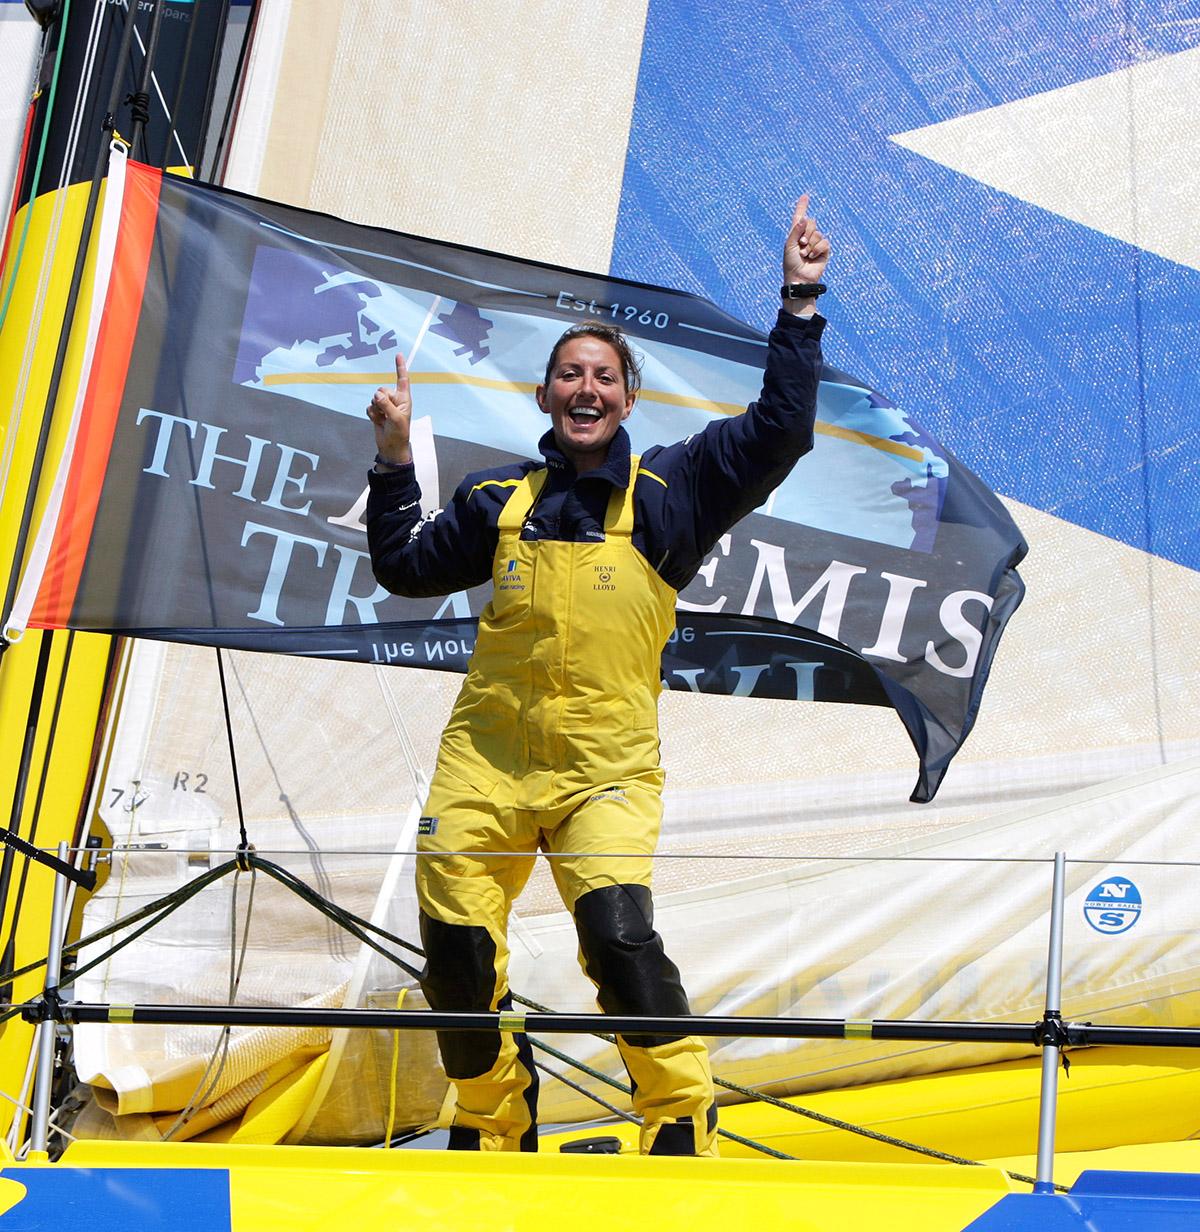 2008 Artemis Transat Race